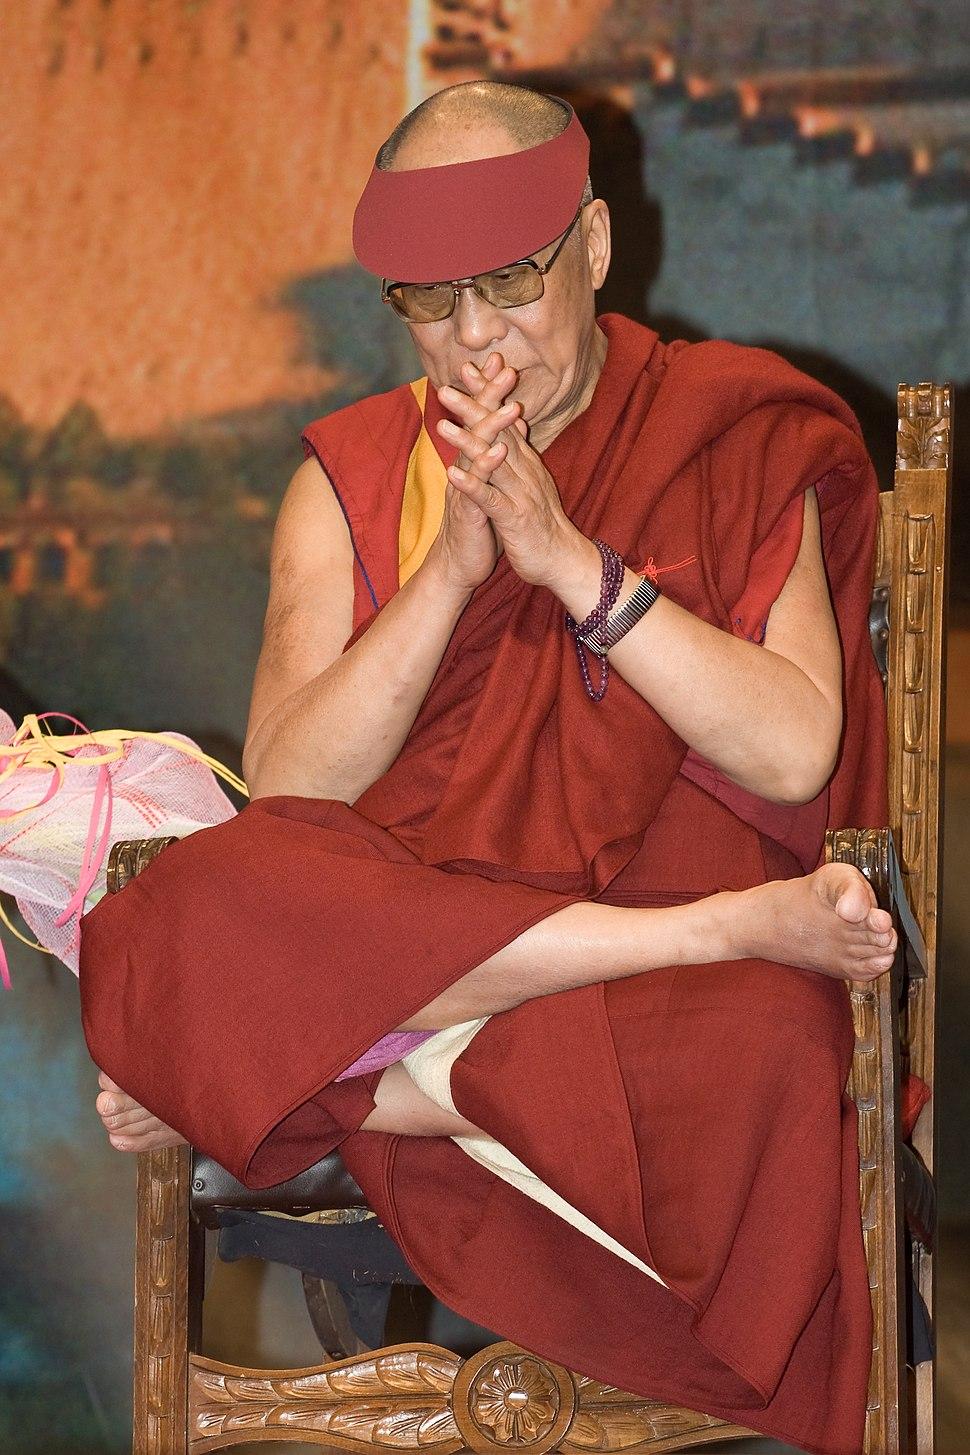 Dalai Lama 1473 Luca Galuzzi 2007